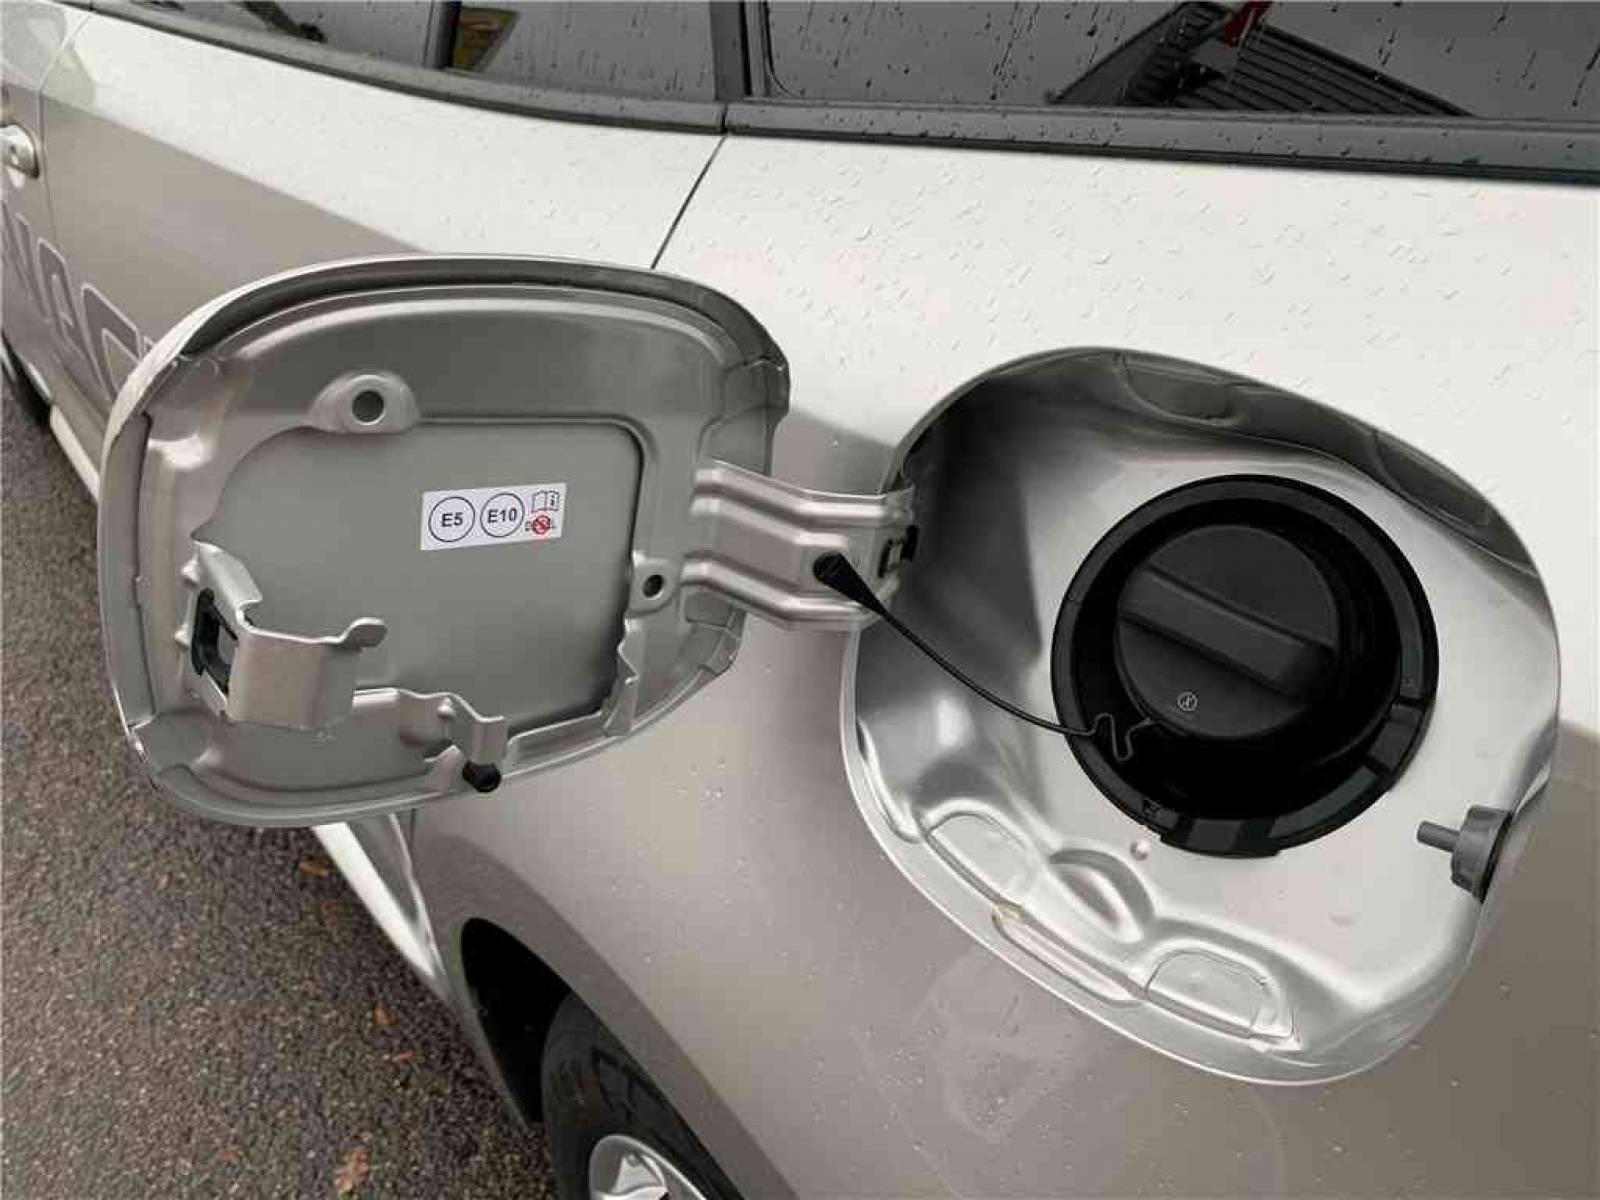 SUZUKI Swace 1.8 Hybrid - véhicule d'occasion - Groupe Guillet - Hall de l'automobile - Montceau les Mines - 71300 - Montceau-les-Mines - 48